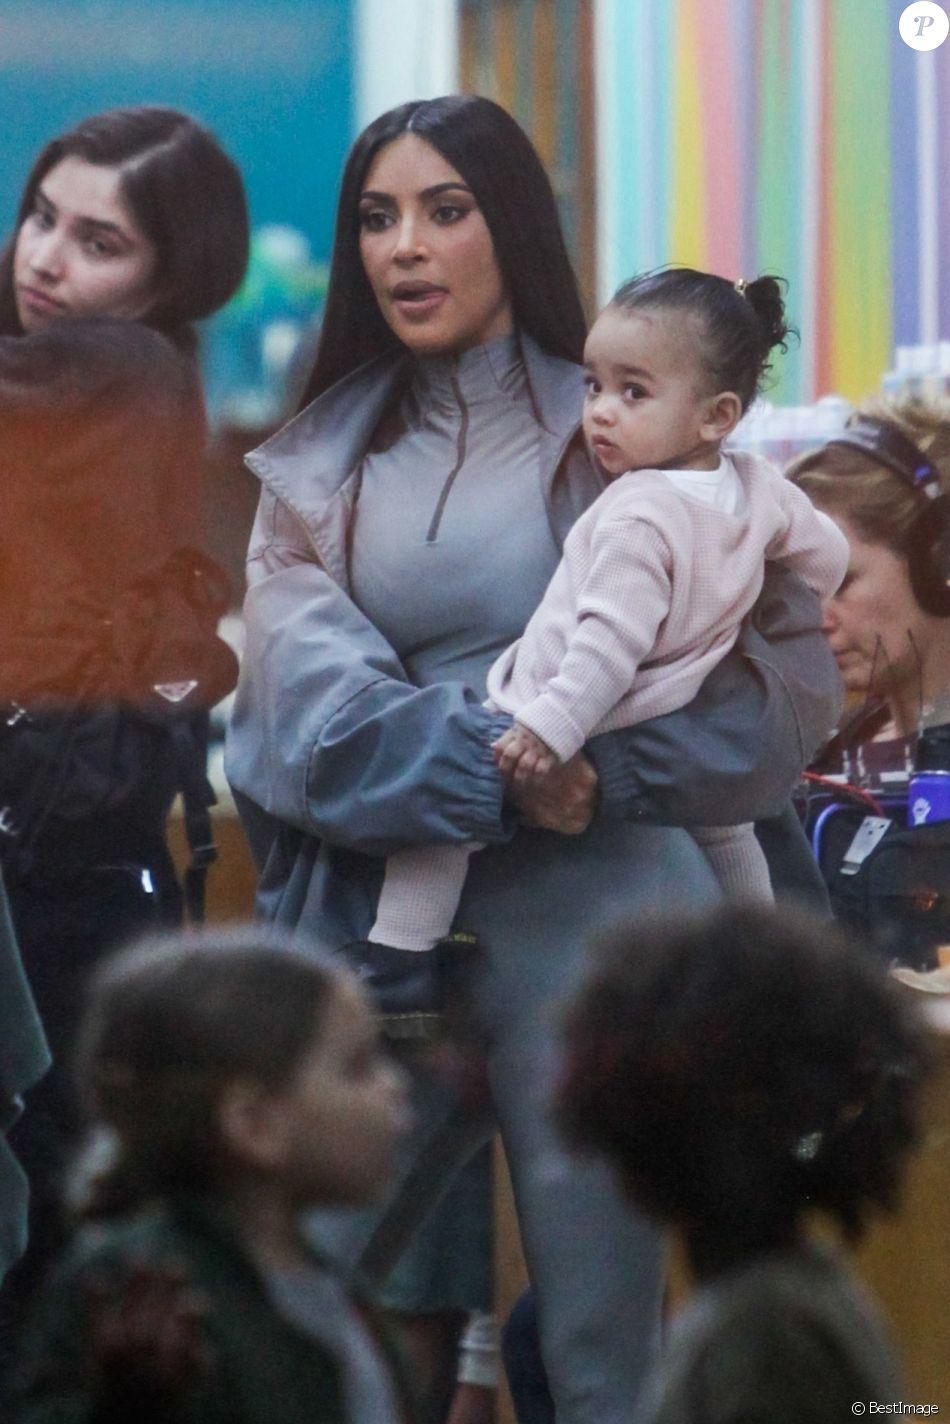 Exclusif - Kim Kardashian et son mari Kanye West emmènent leurs enfants Saint, North et Chicago chez Color Me Mine Ceramic faire de la peinture sur poterie à Calabasas, Los Angeles. Le 19 janvier 2019.